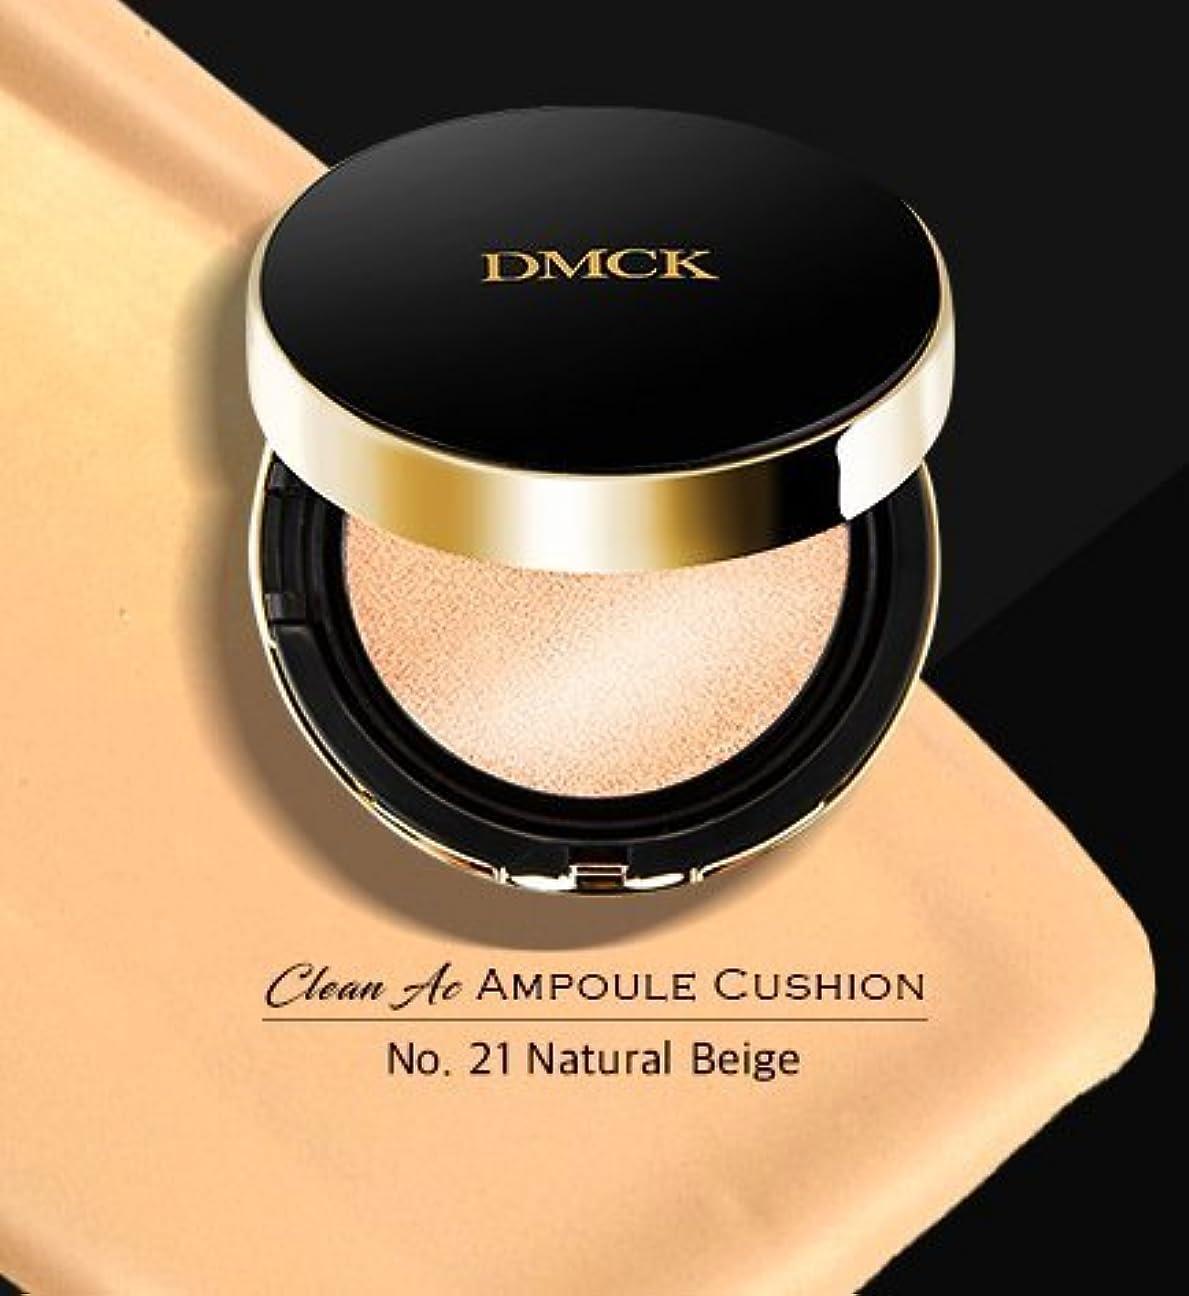 振るう疑い者提供されたDMCK Clean Acne Ampule Cushion SPF50+/PA+++ (021 Glossy Natural Beige)